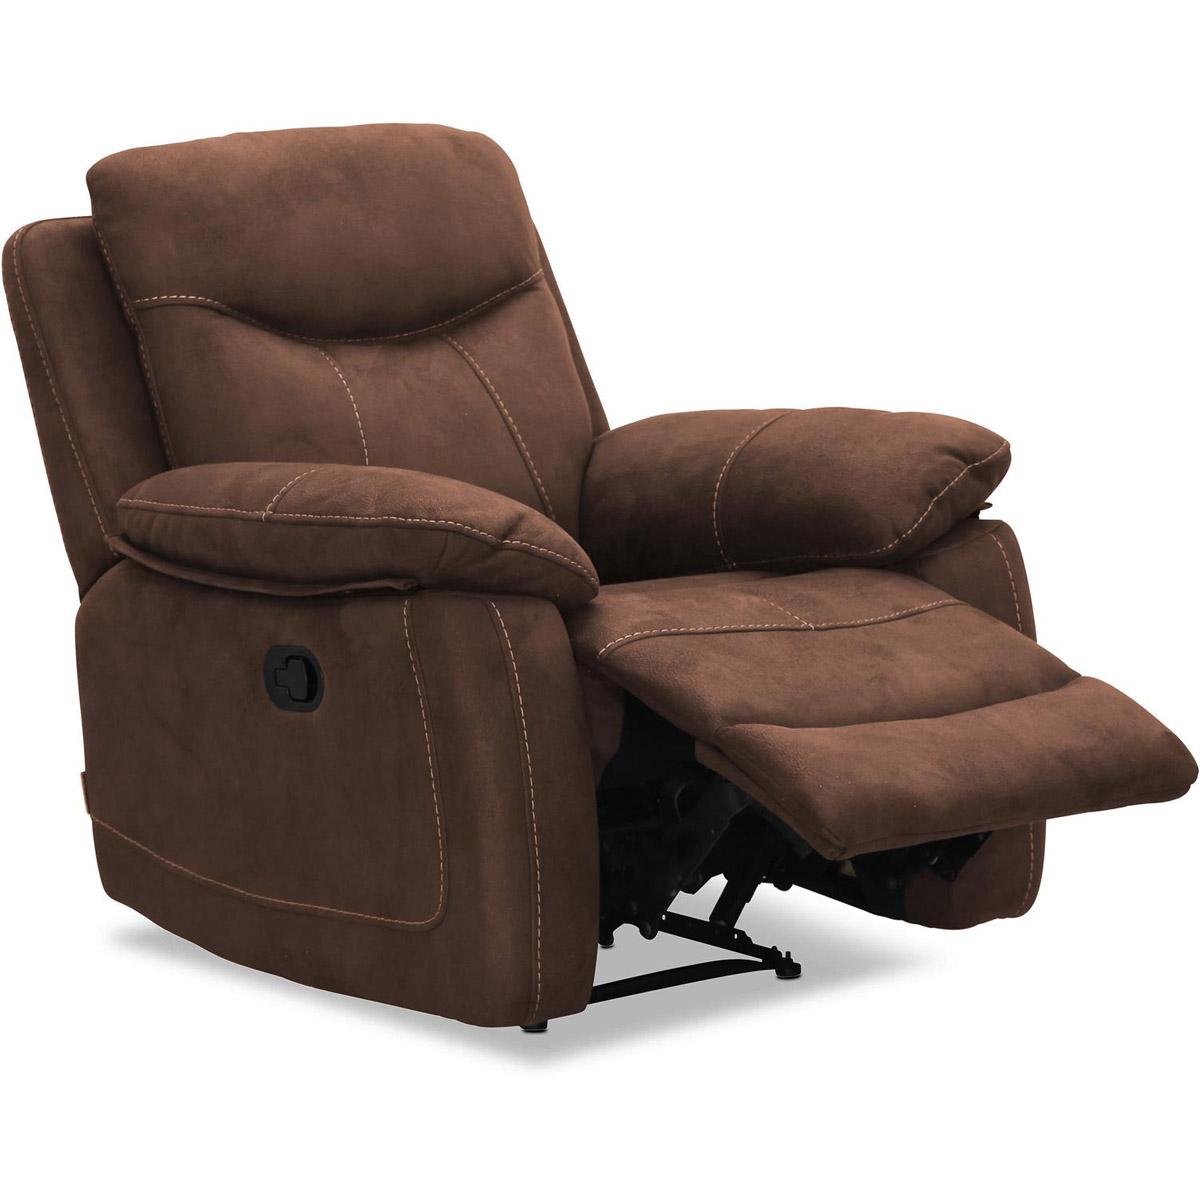 Boston fåtölj recliner brun micro vinkel fotstöd